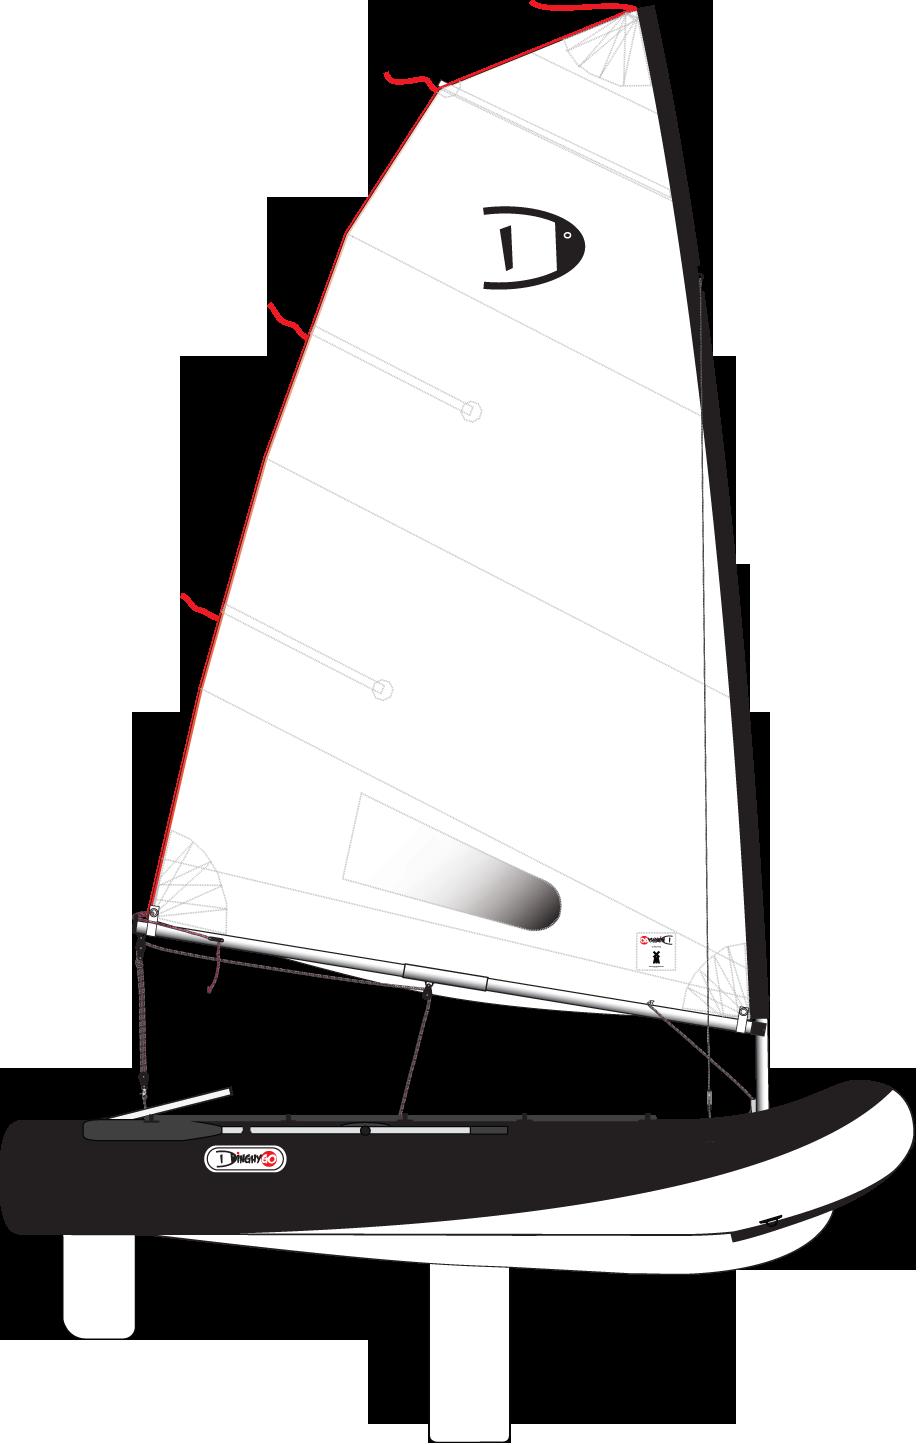 DinghyGo Orca (livraison mars 2020)